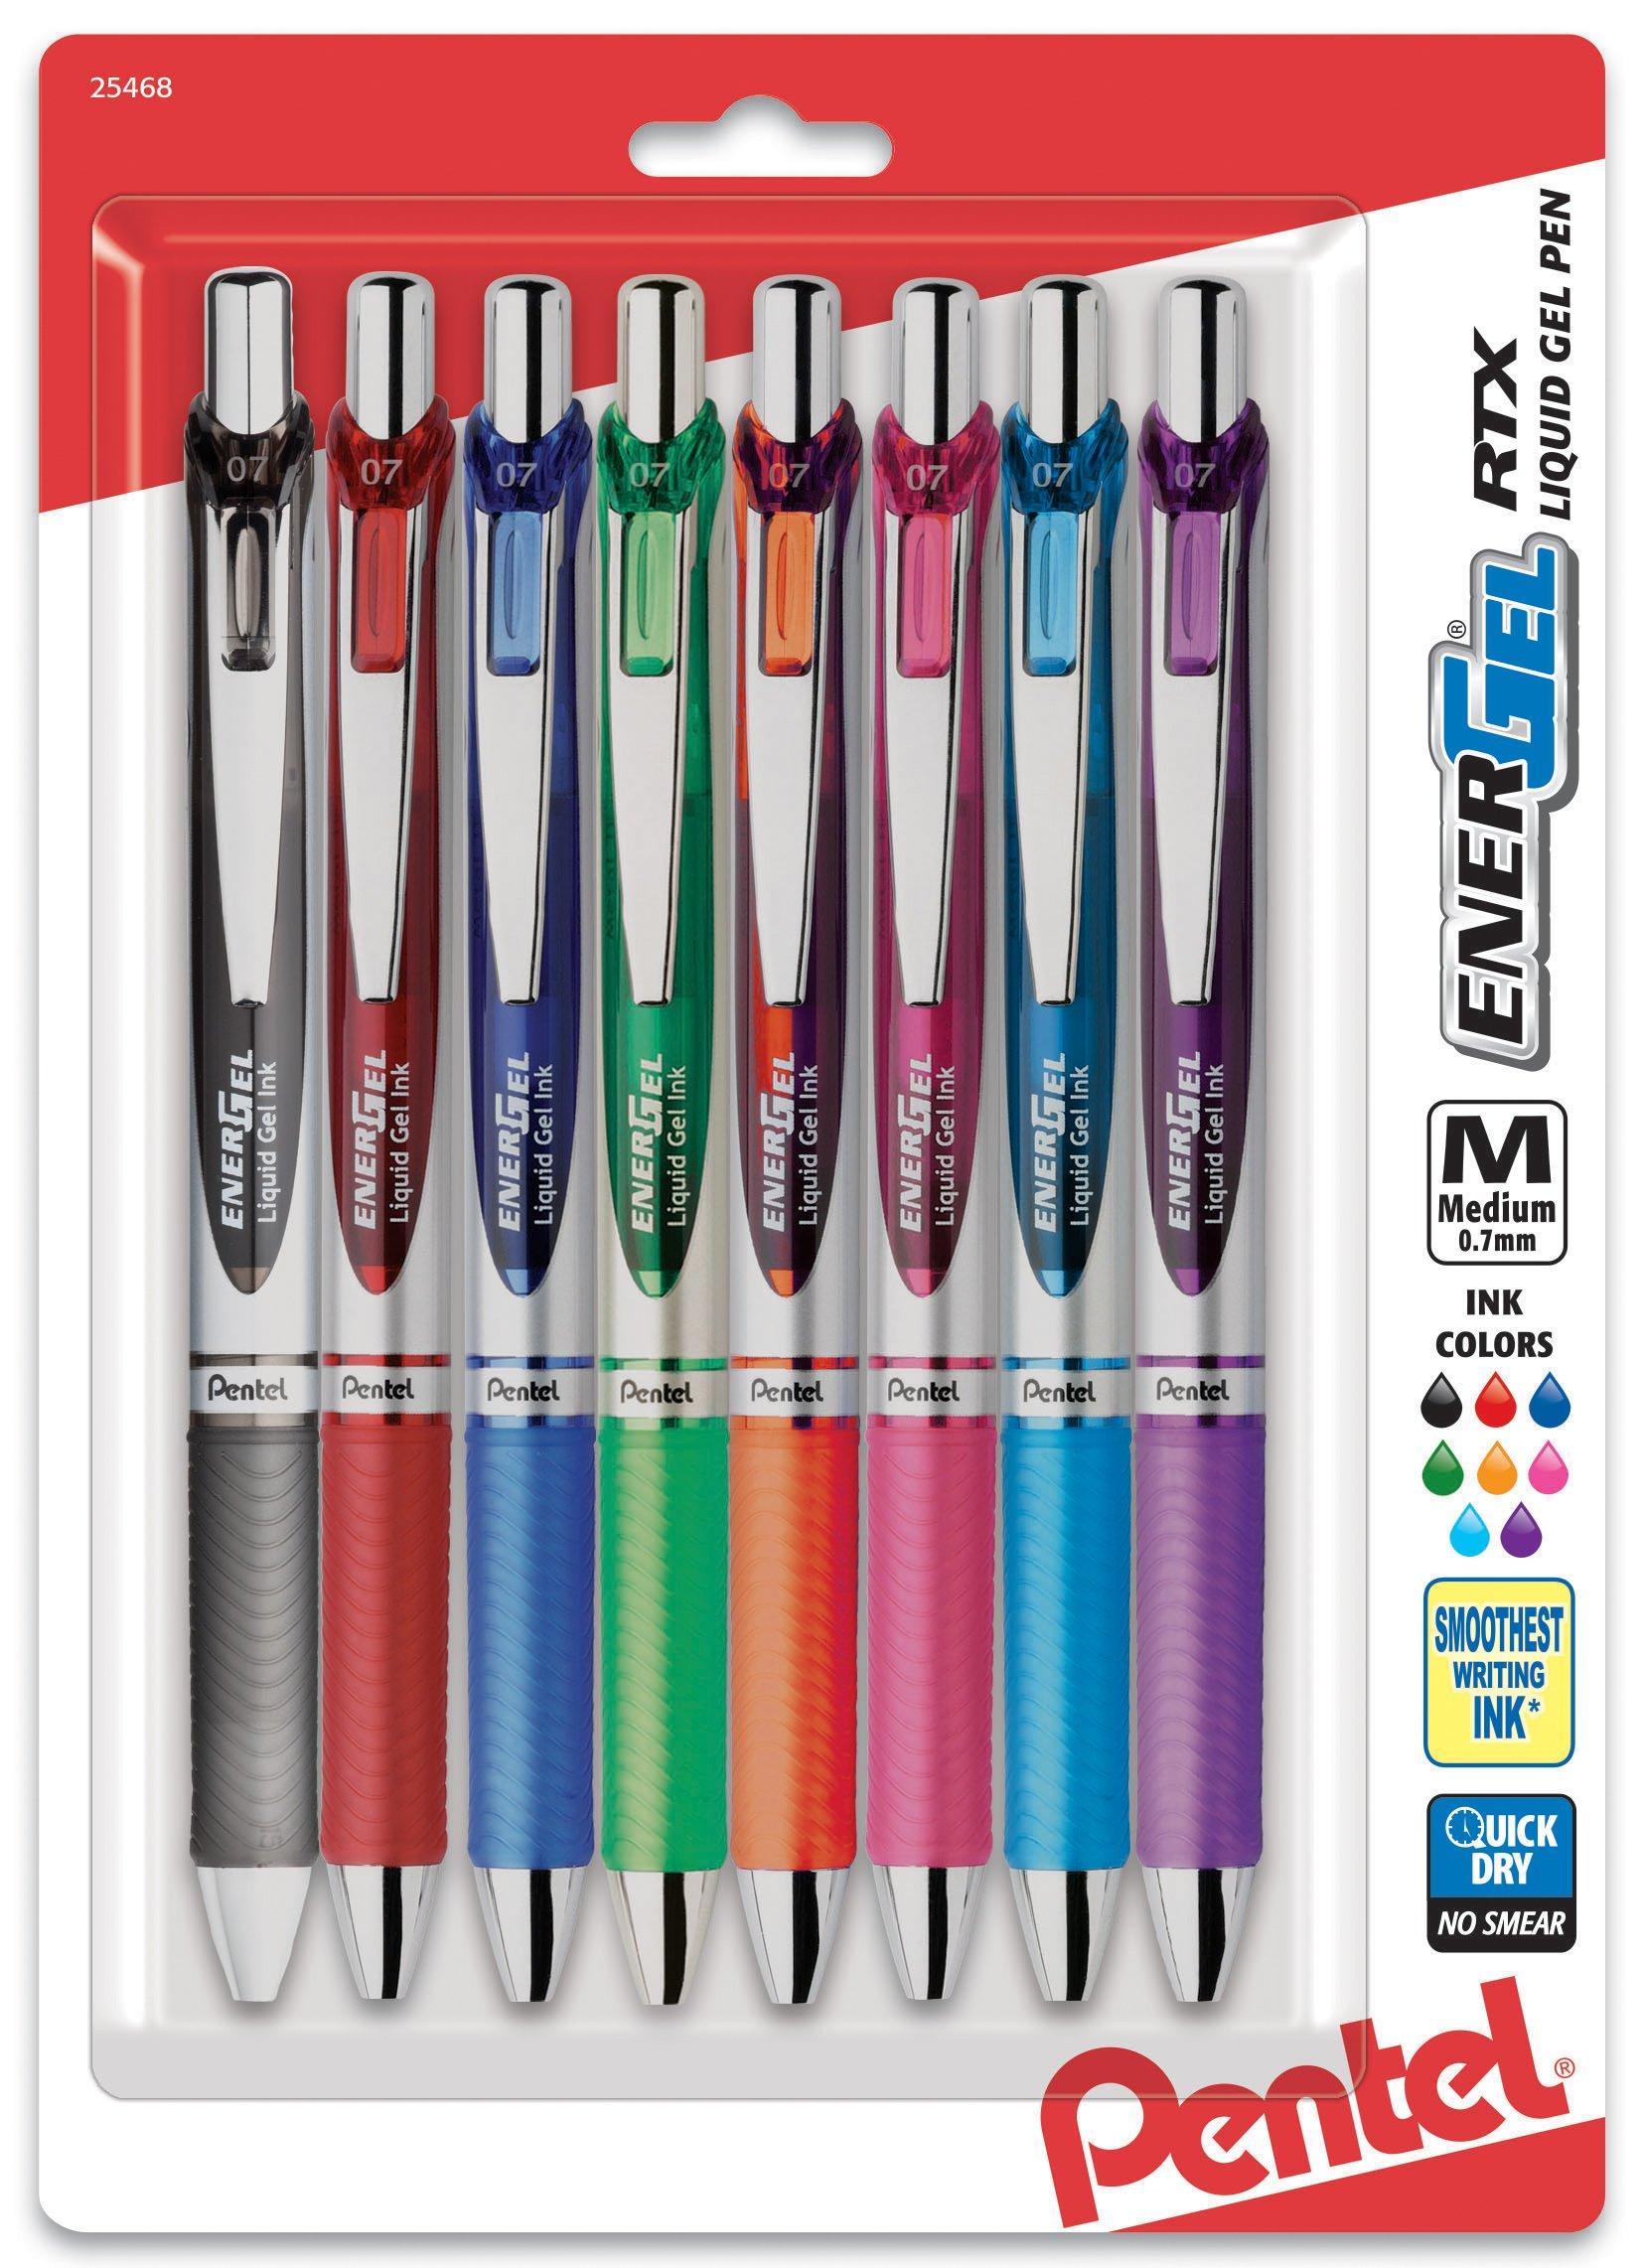 Pentel EnerGel RTX Retractable Liquid Gel Pen, Medium Line, Metal Tip, Assorted Ink, 8-Pack (BL77BP8M) by Pentel